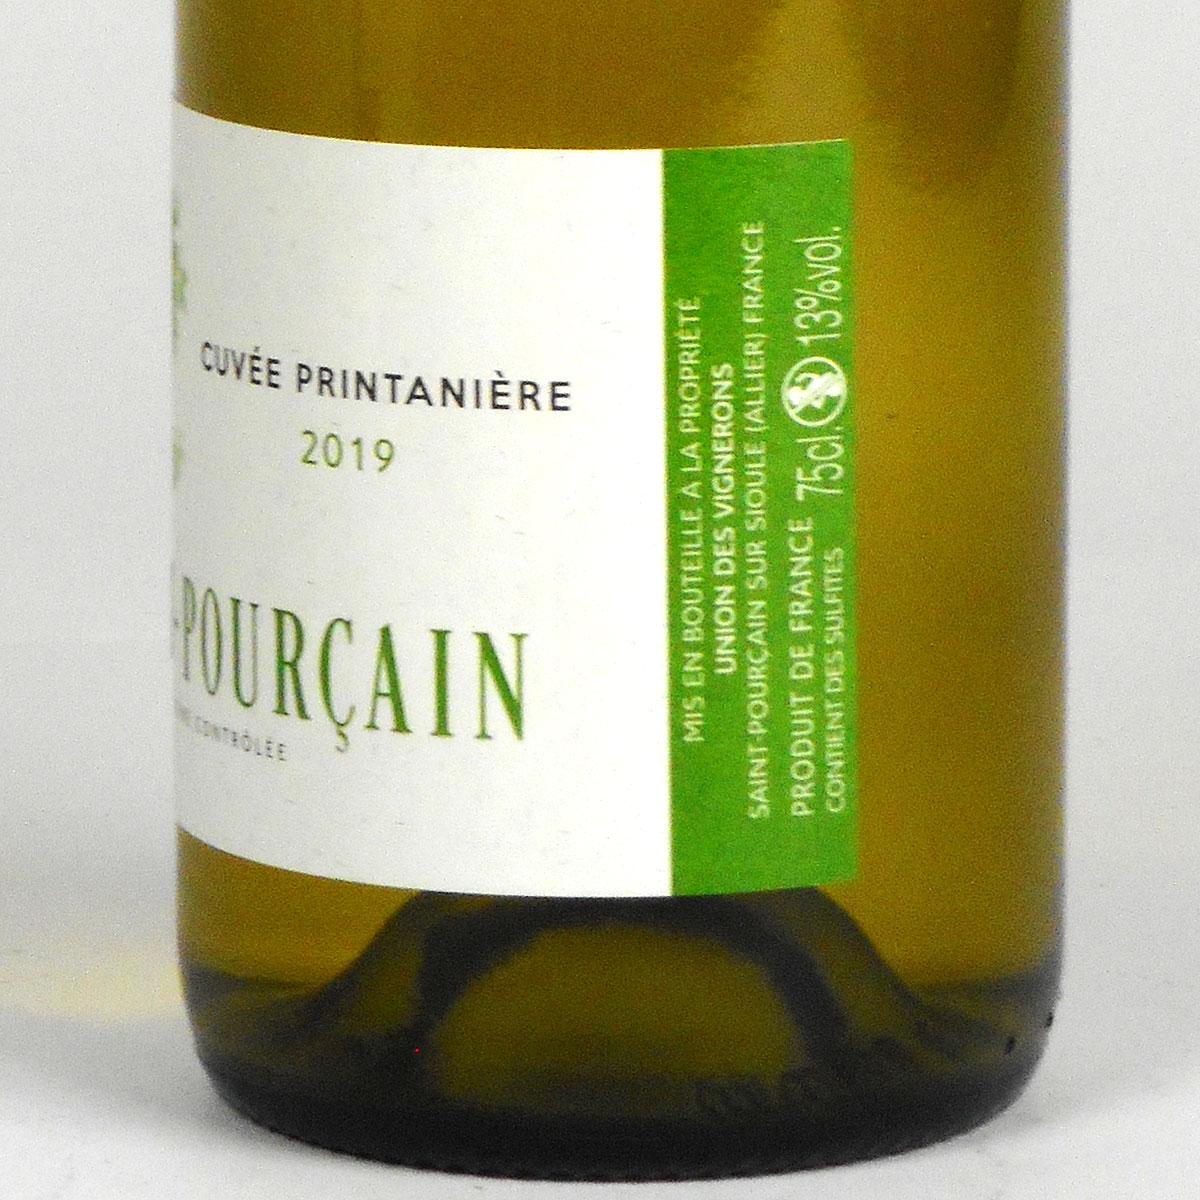 Saint-Pourçain: 'Cuvée Printanière' Blanc 2019 - Bottle Side Label